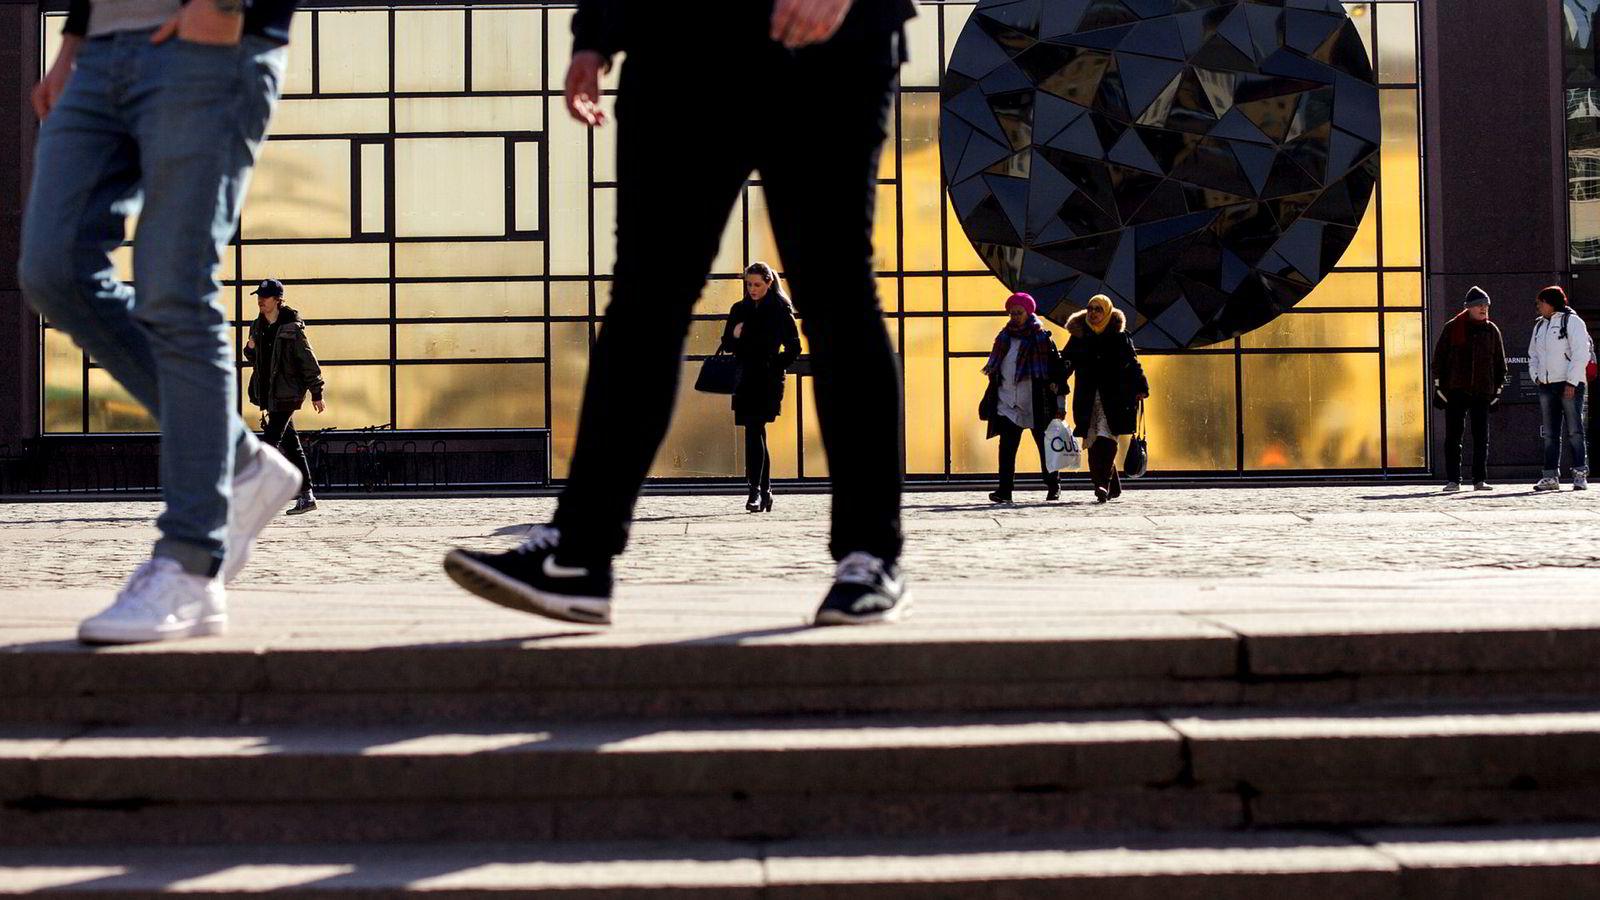 Mange som mottar tjenester fra Nav både kan og vil jobbe, men de mangler kvalifikasjoner til å komme inn i vårt stadig mer moderne arbeidsmarked. Derfor har Stortinget og regjeringen gjentatte ganger bedt om at kompetansetiltak skal prioriteres for Nav-brukere under 30 år, skriver artikkelforfatteren.